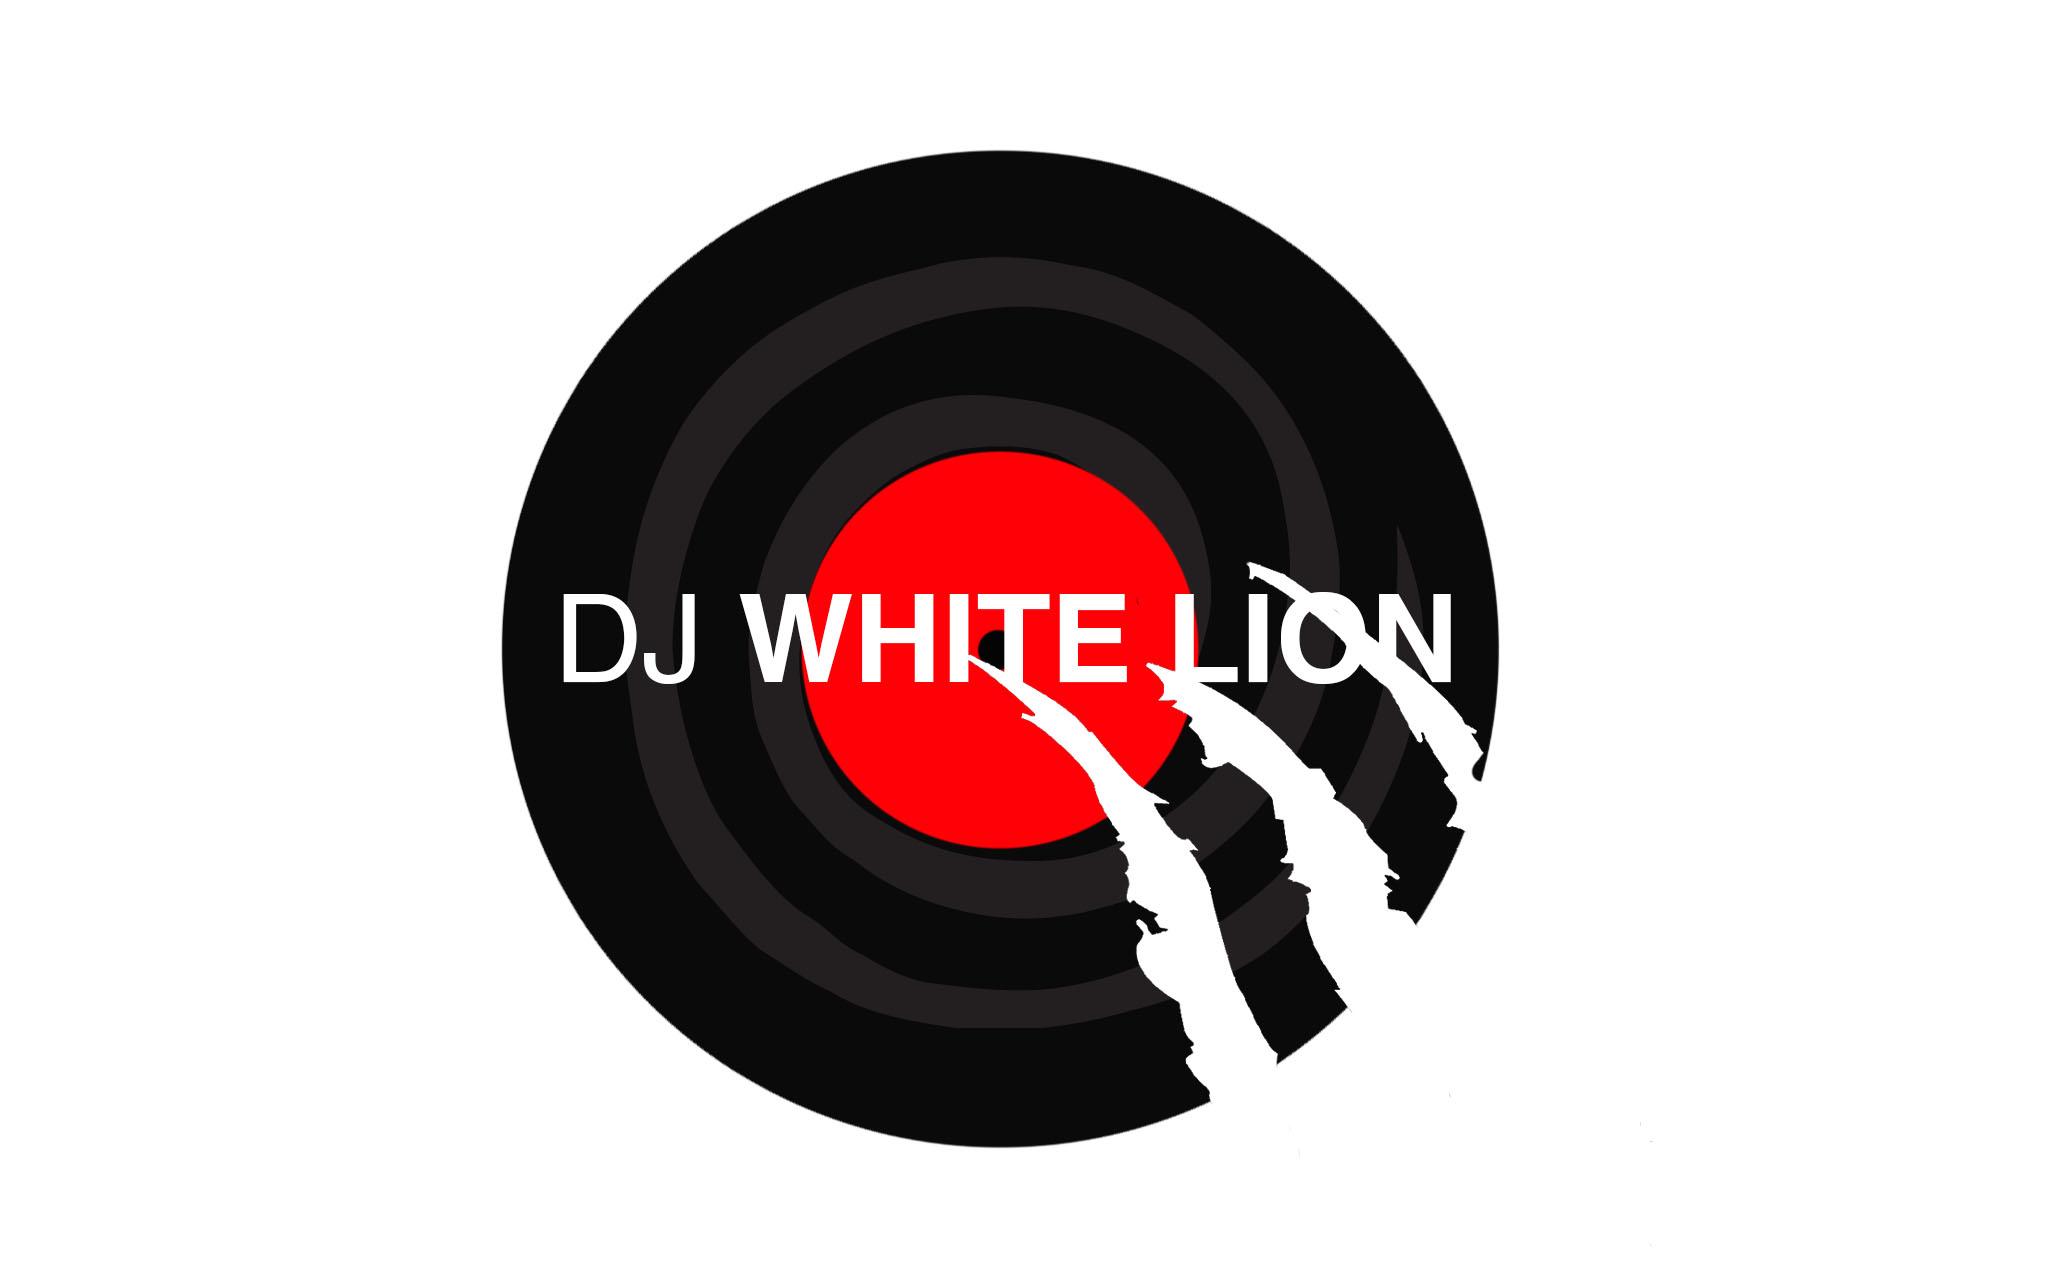 White_lion_logo_2